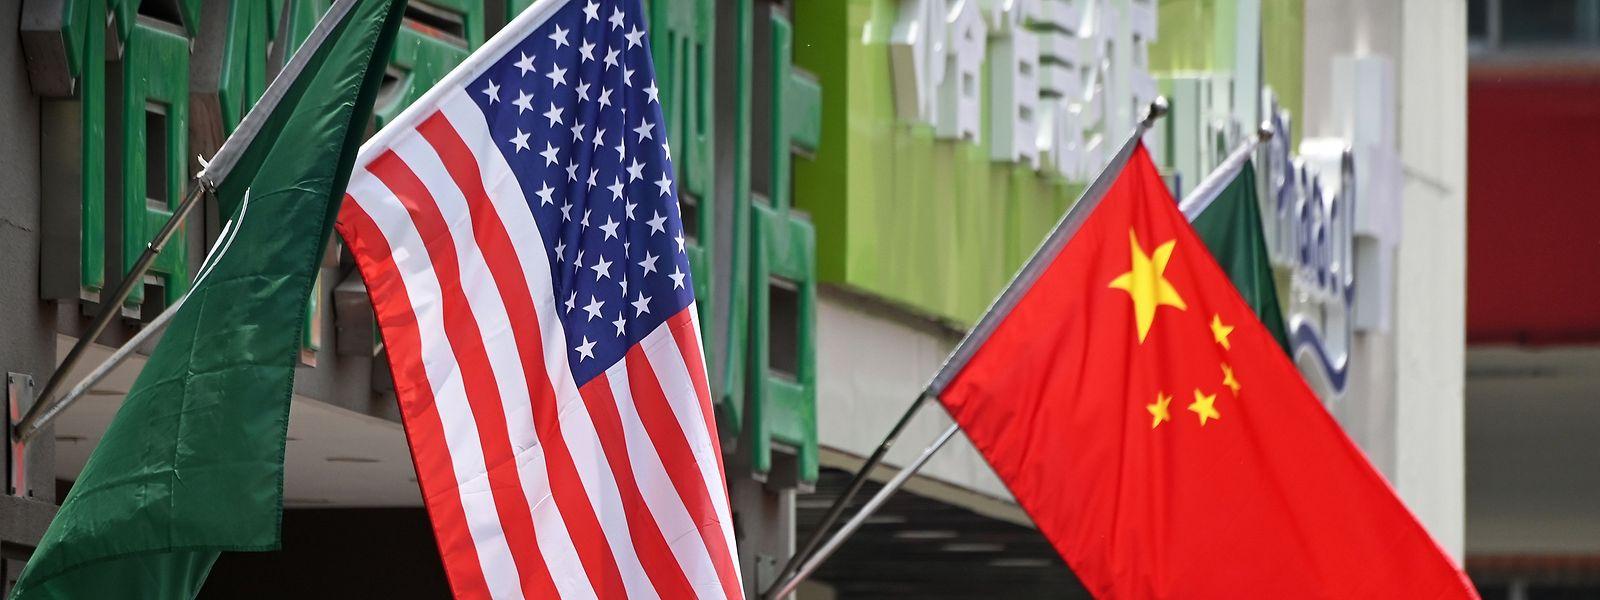 Noch stehen die USA an der Spitze der Weltordnung - aber das Reich der Mitte holt auf.